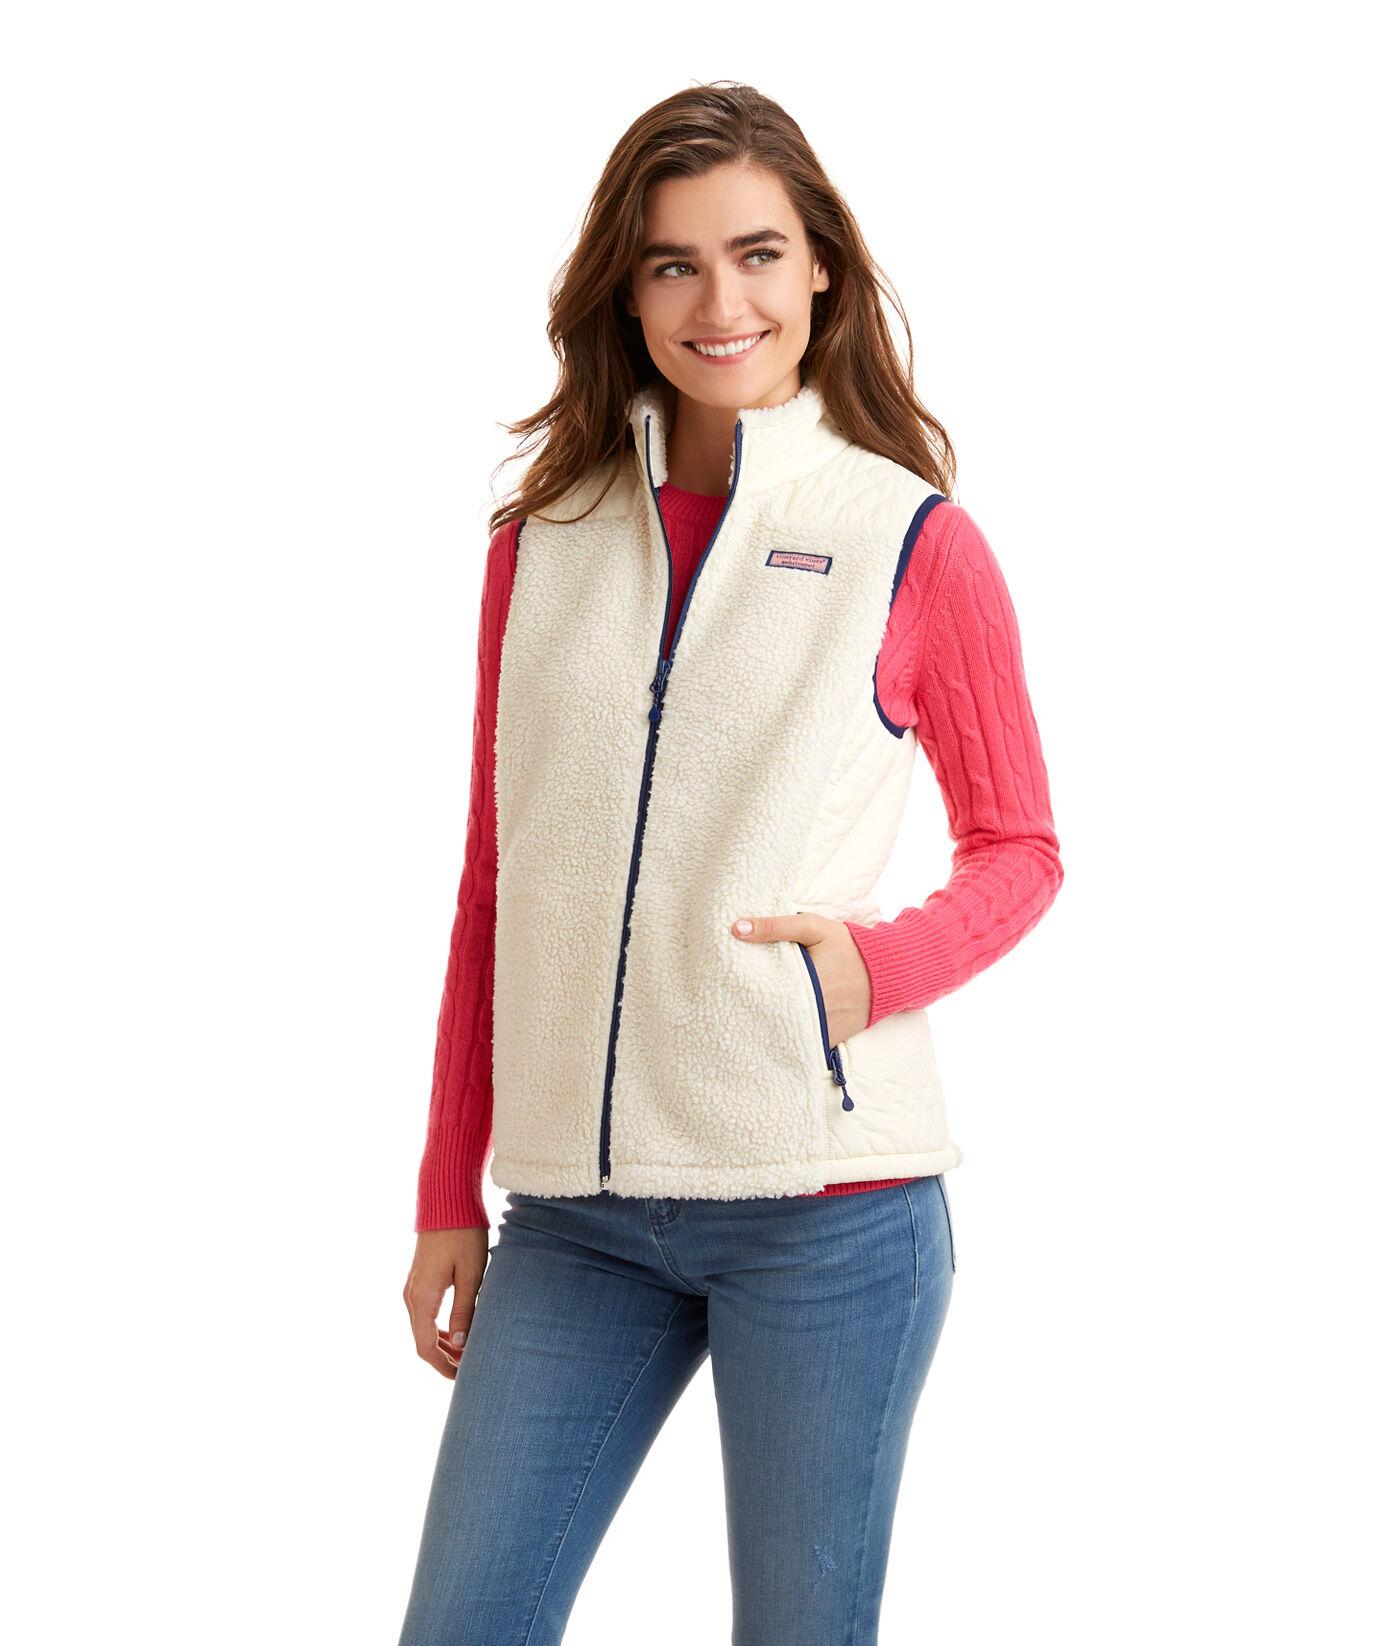 Vineyard vines fleece jacket women's